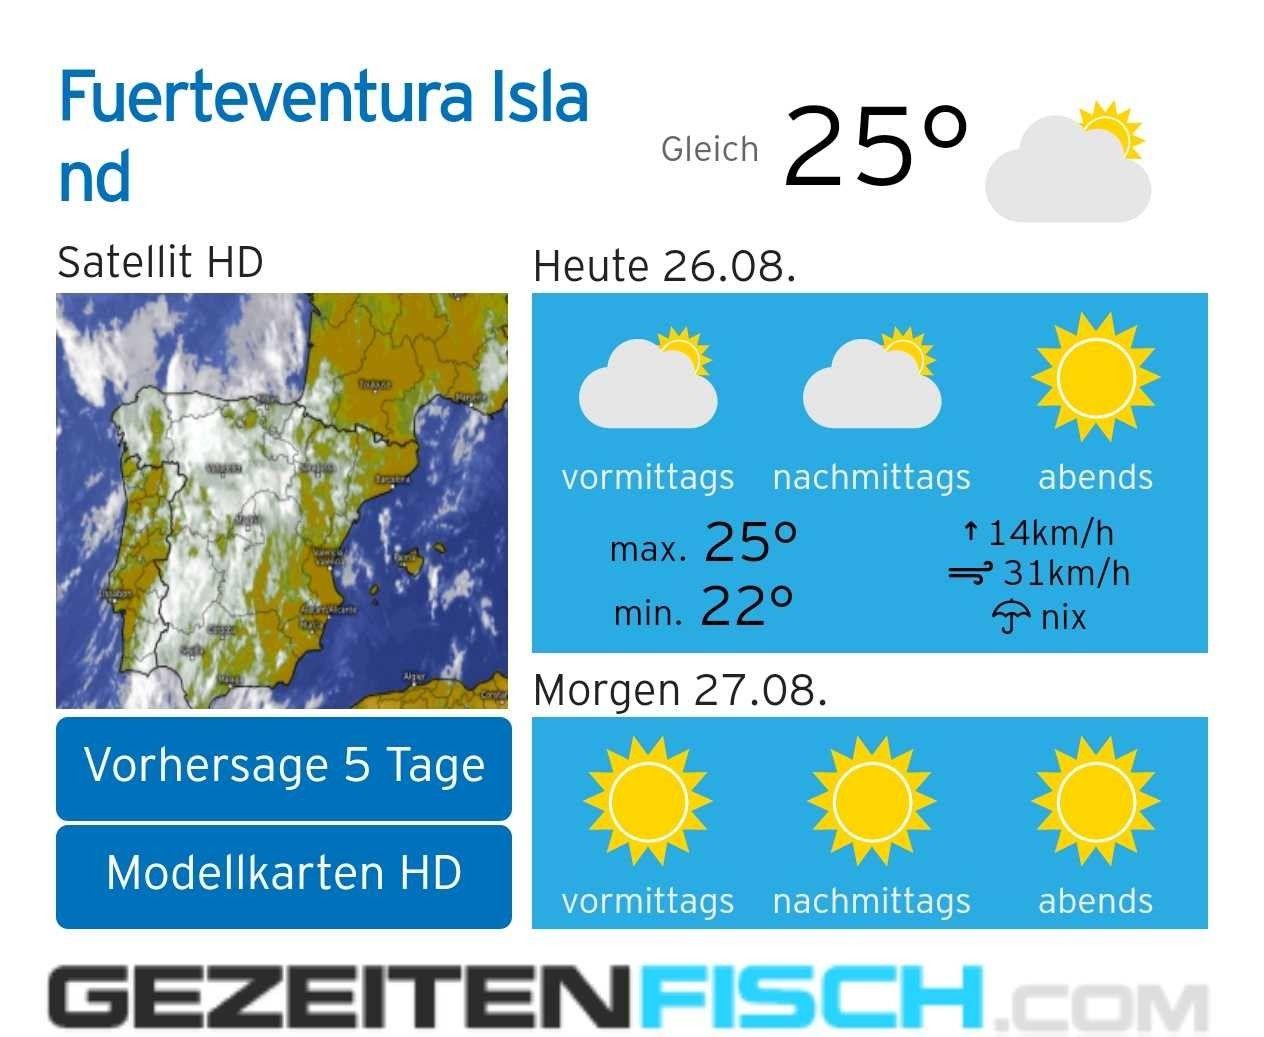 Wetter Und Gezeiten Auf Fuerteventura Https Www Fuerte Service